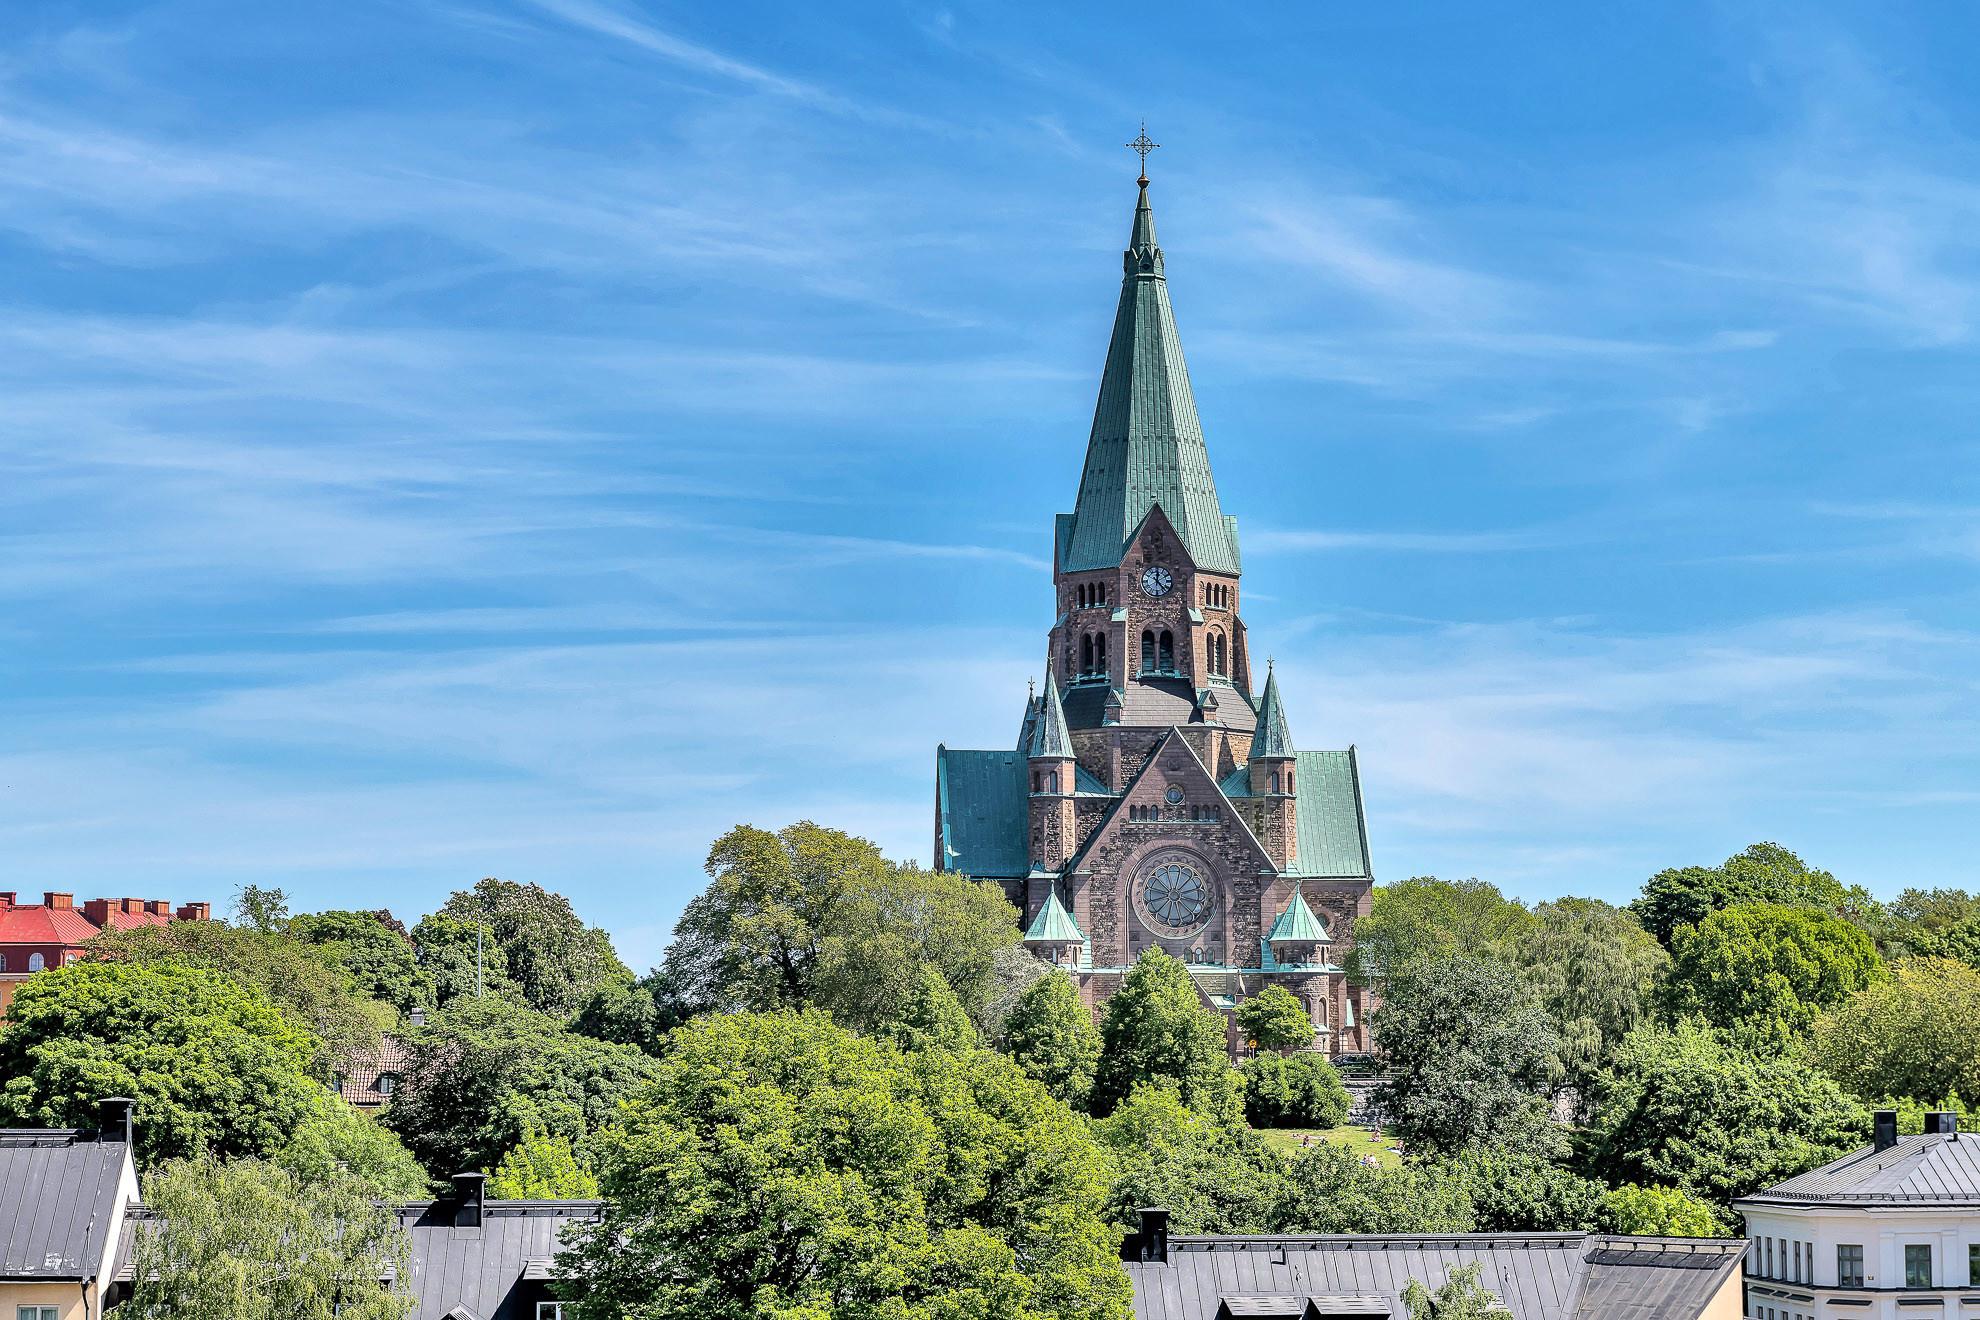 Skeppsholmen Sotheby's International Realty - Exklusiva fastighetsmäklare - När du söker exklusiva hem och ett riktigt drömboende.